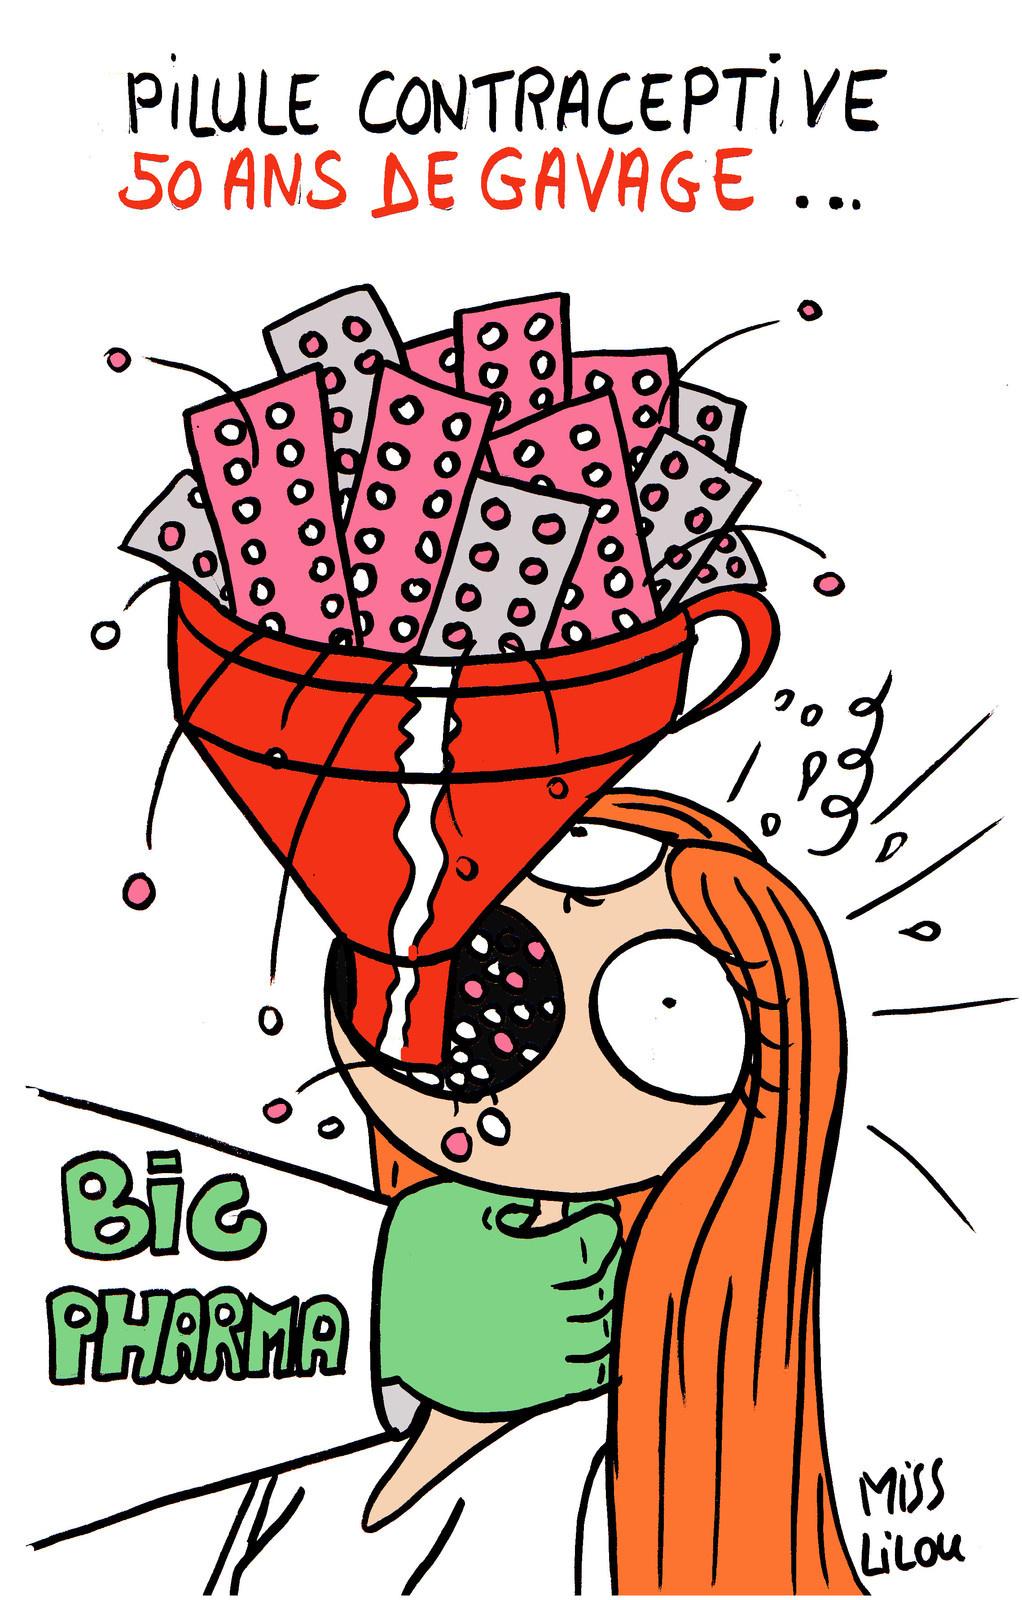 dessin humoristique d'une femme gavée de pilules contraceptives